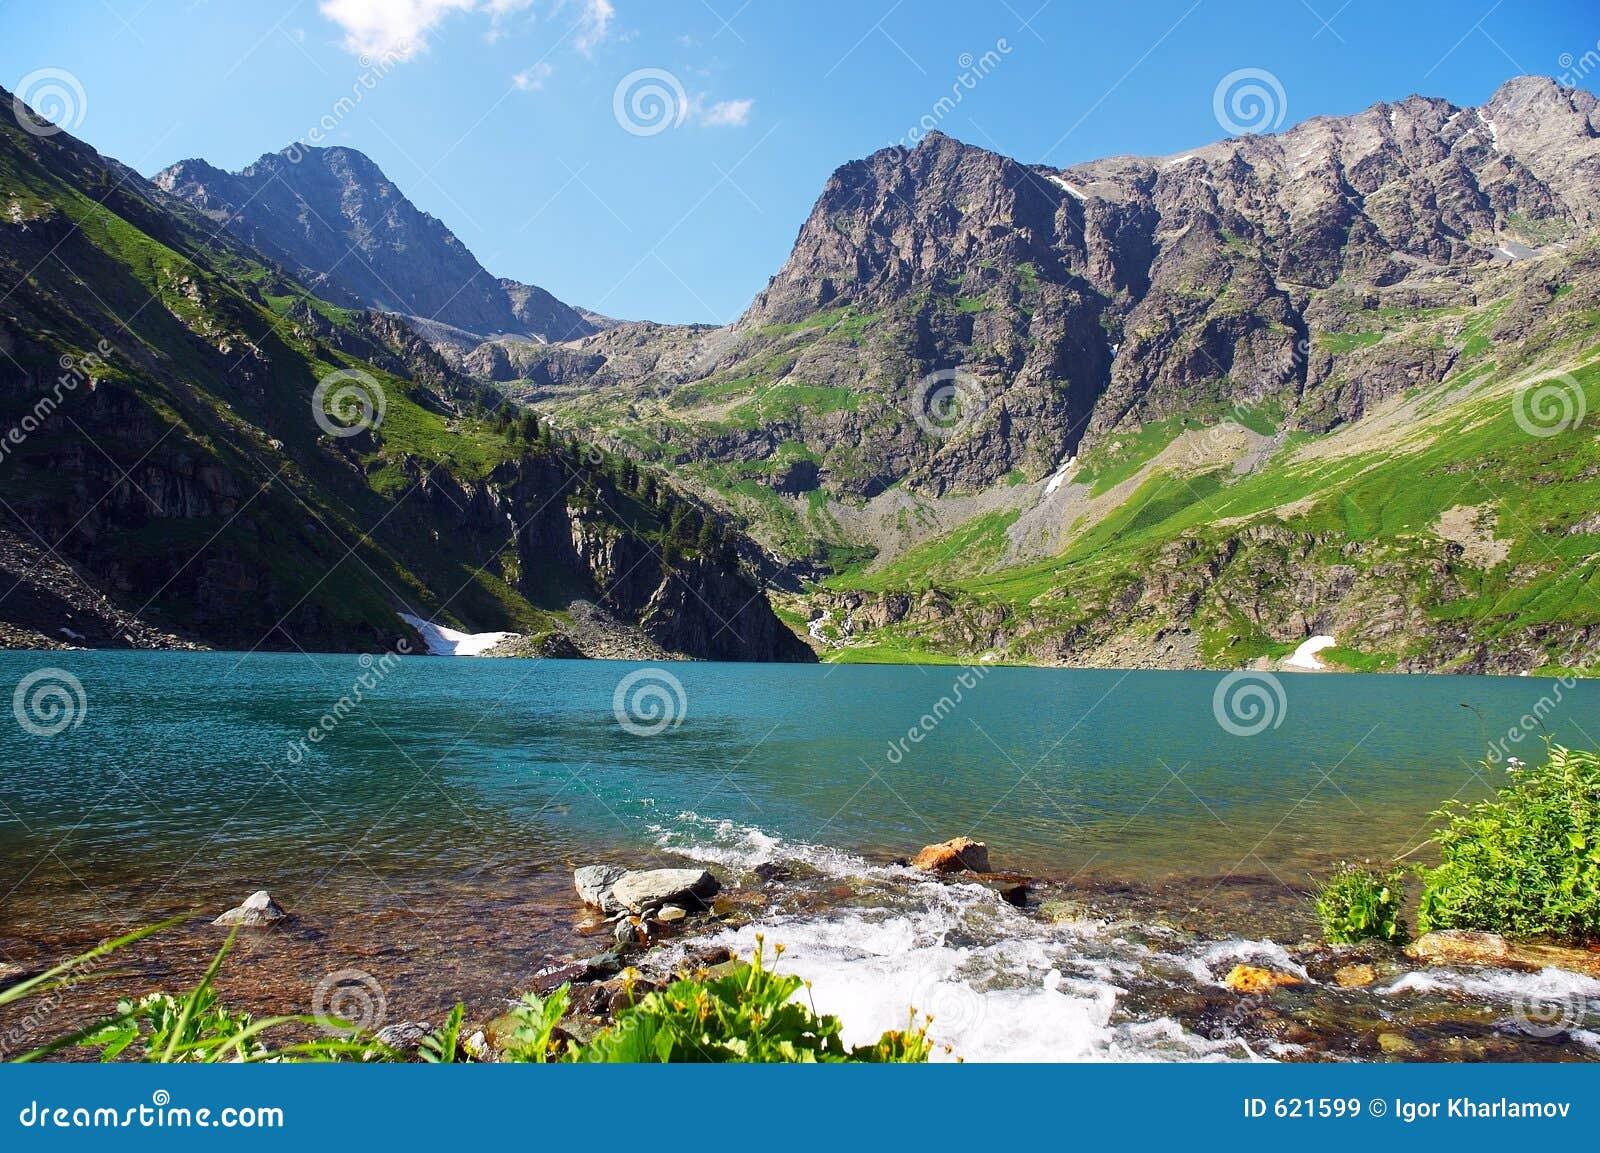 Turkoois meer in de bergen.